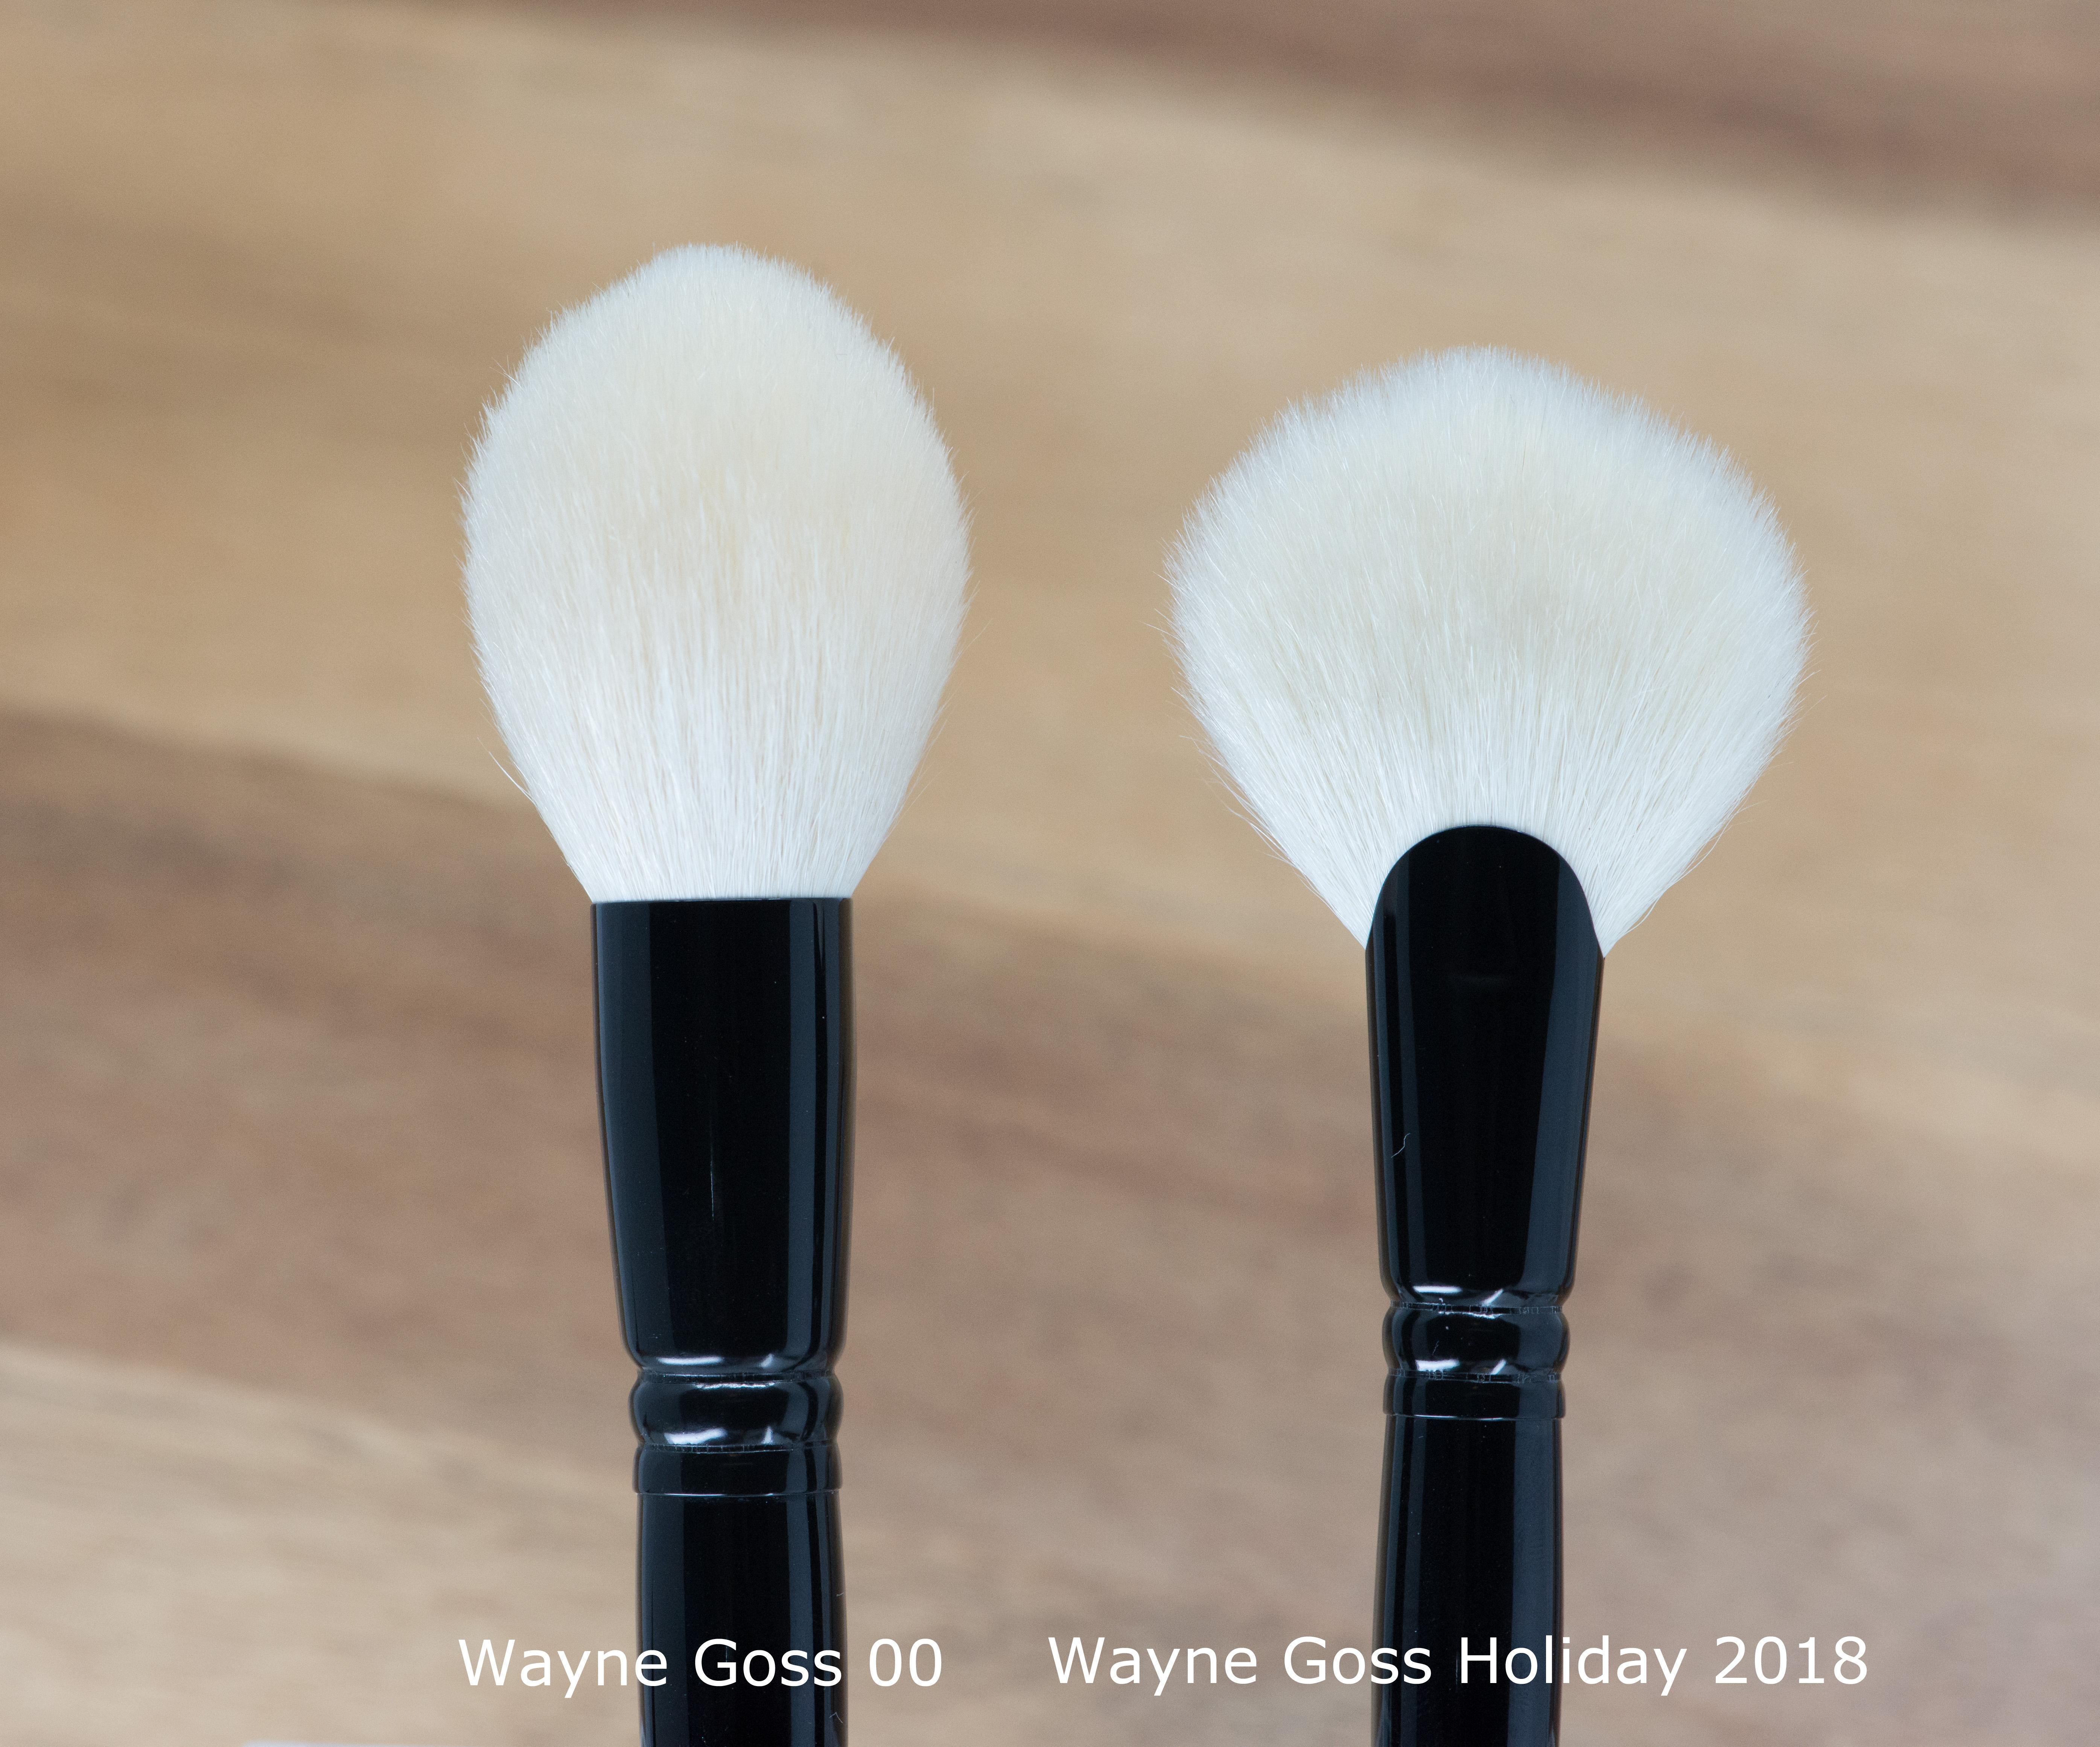 Wayne Goss Holiday 2018 – Sweet Makeup Temptations